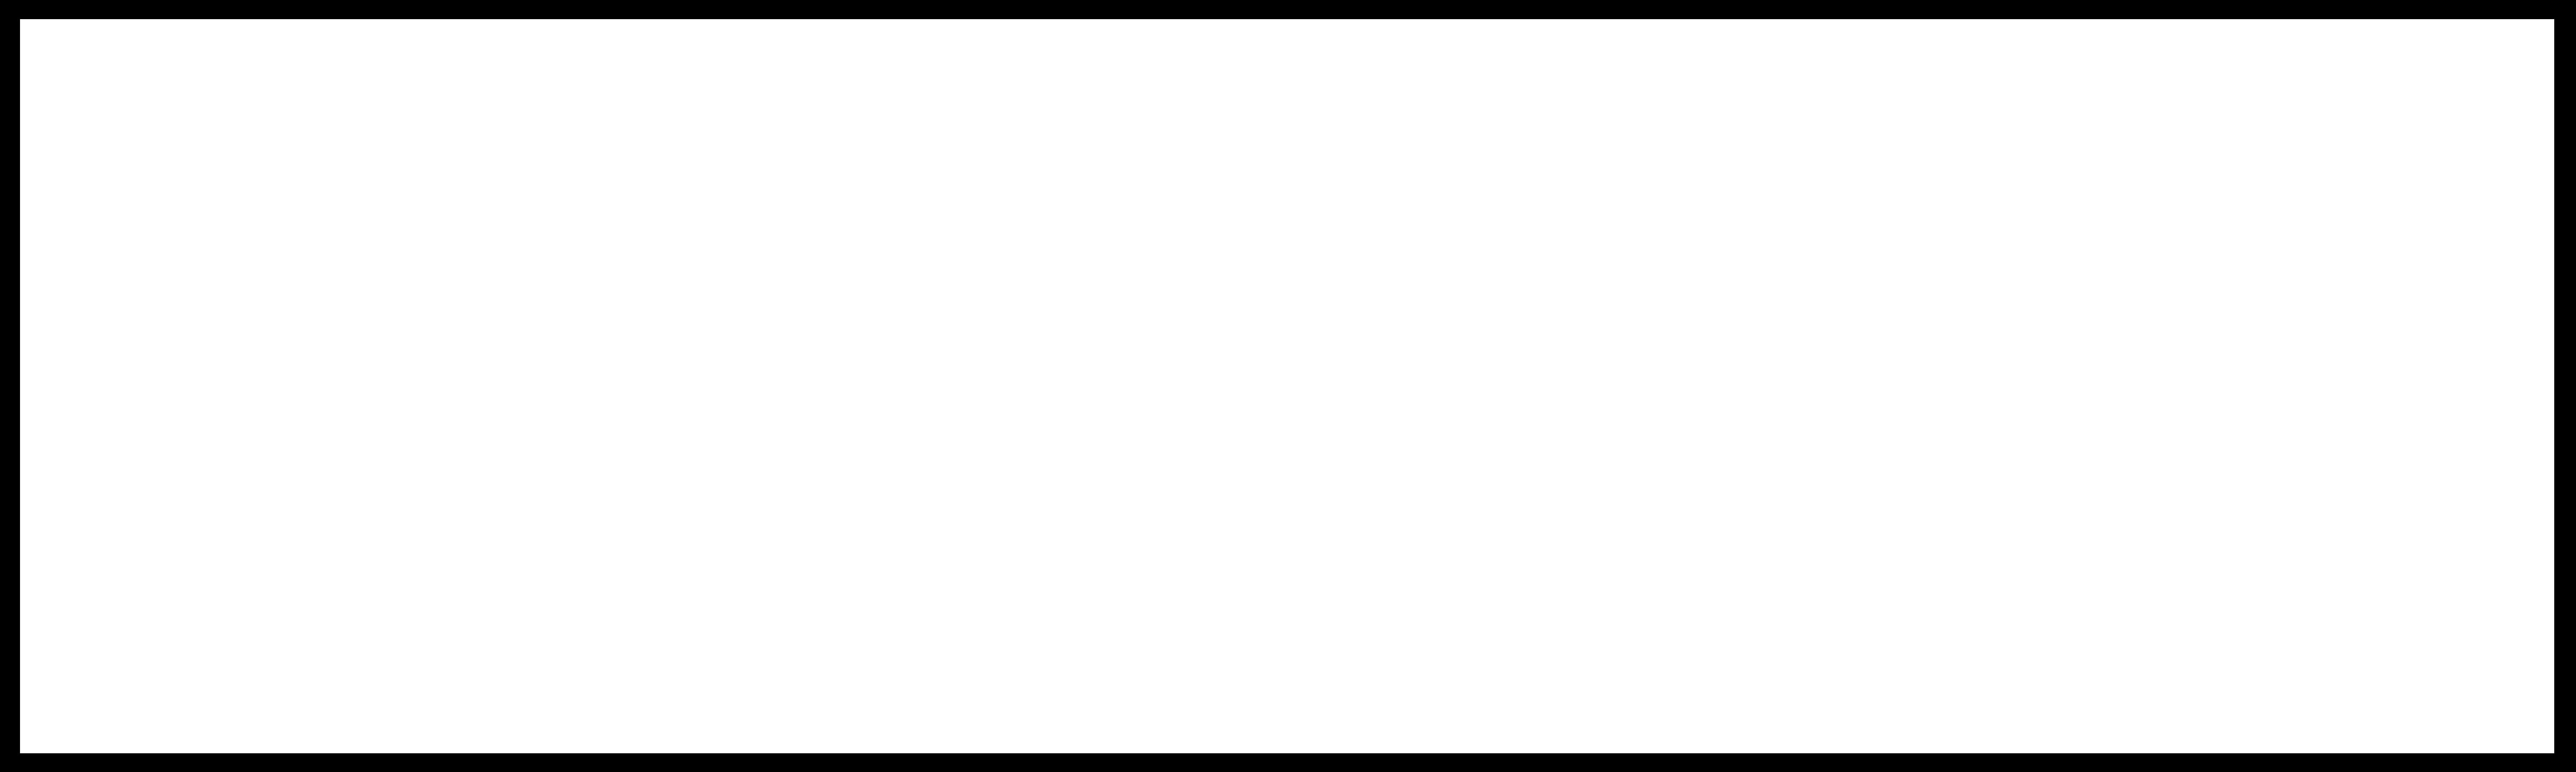 Sch Outline | Board5 Outline